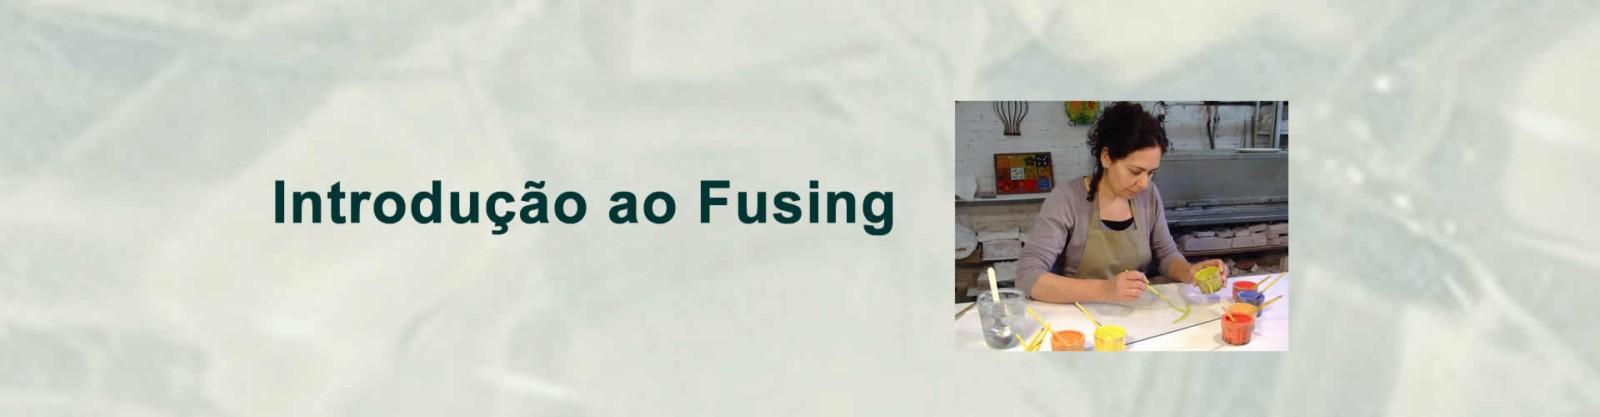 Introdução ao Fusing